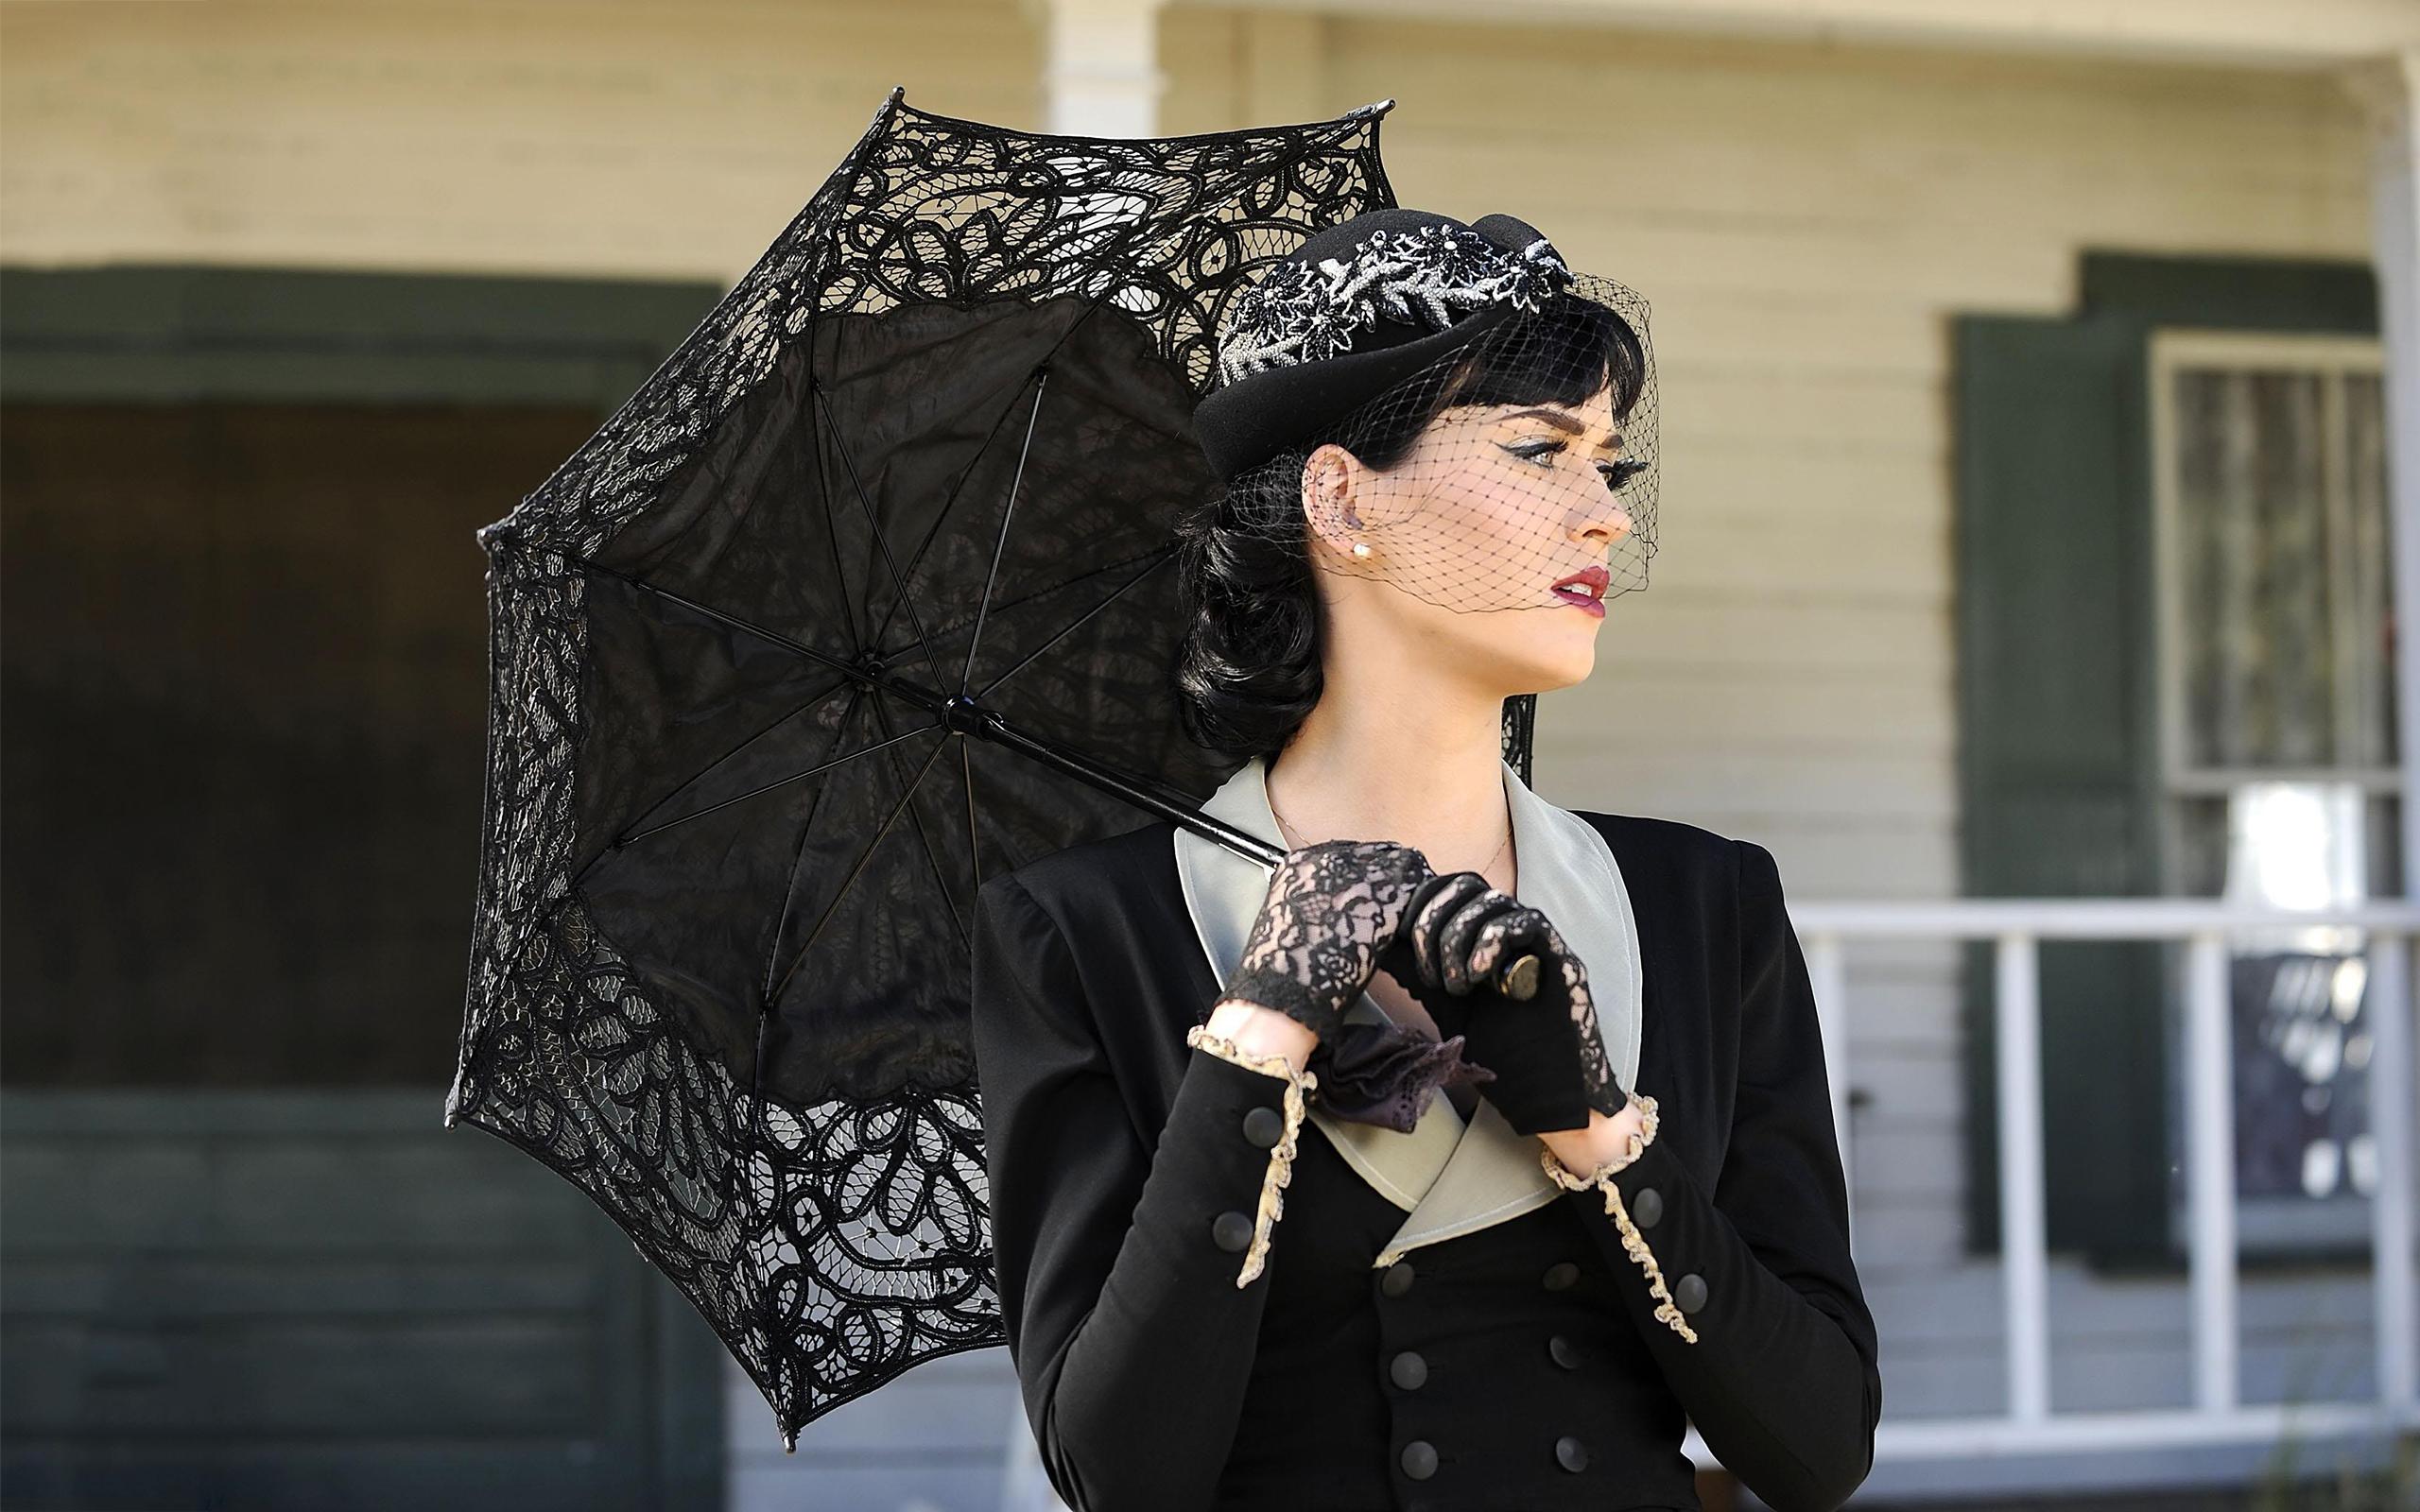 Katy perry widow